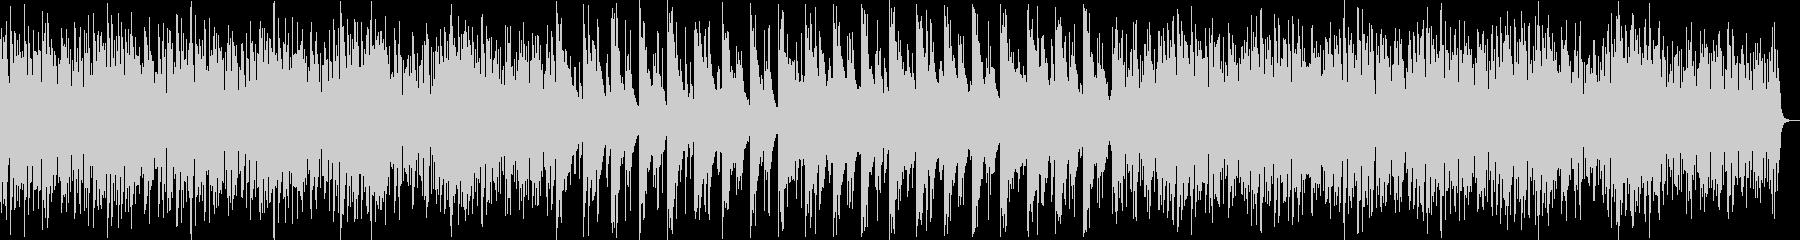 ミステリアスなシンセ・木琴サウンドの未再生の波形